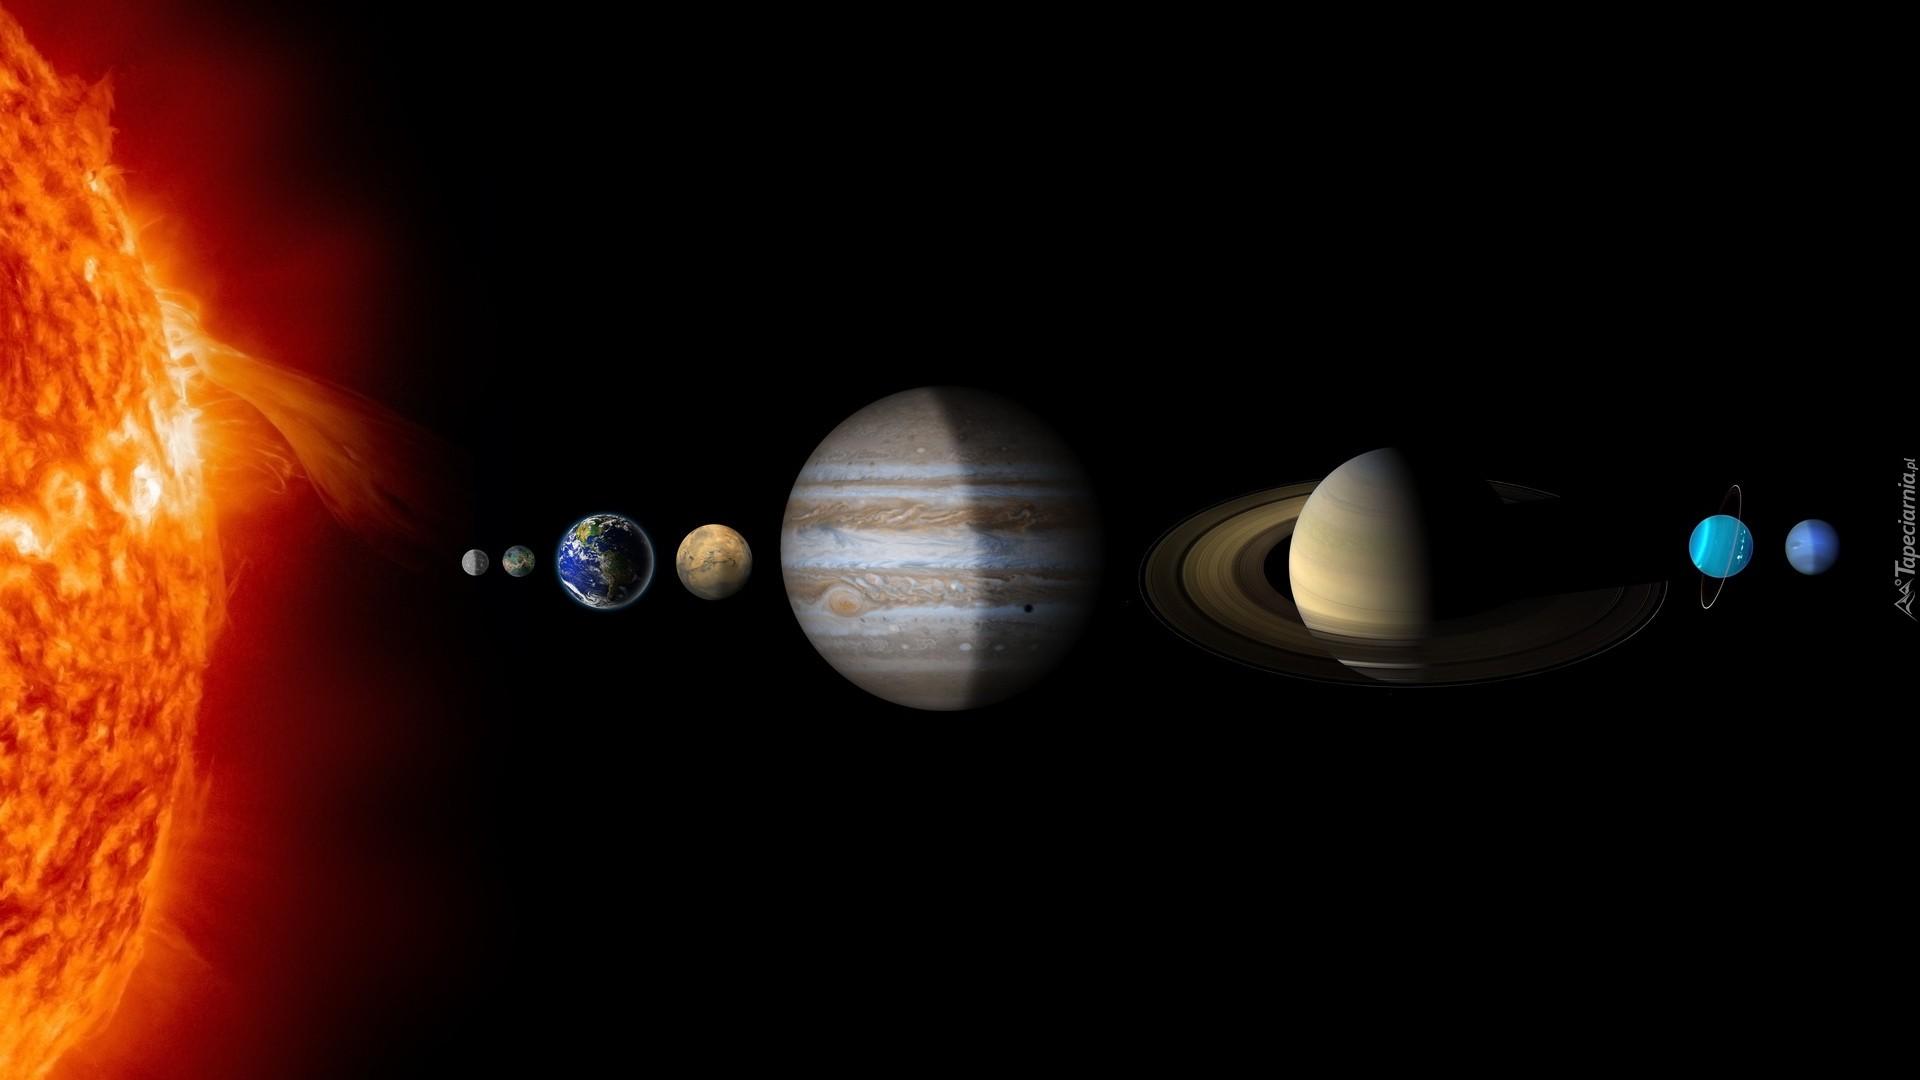 Solar System Desktop Wallpaper